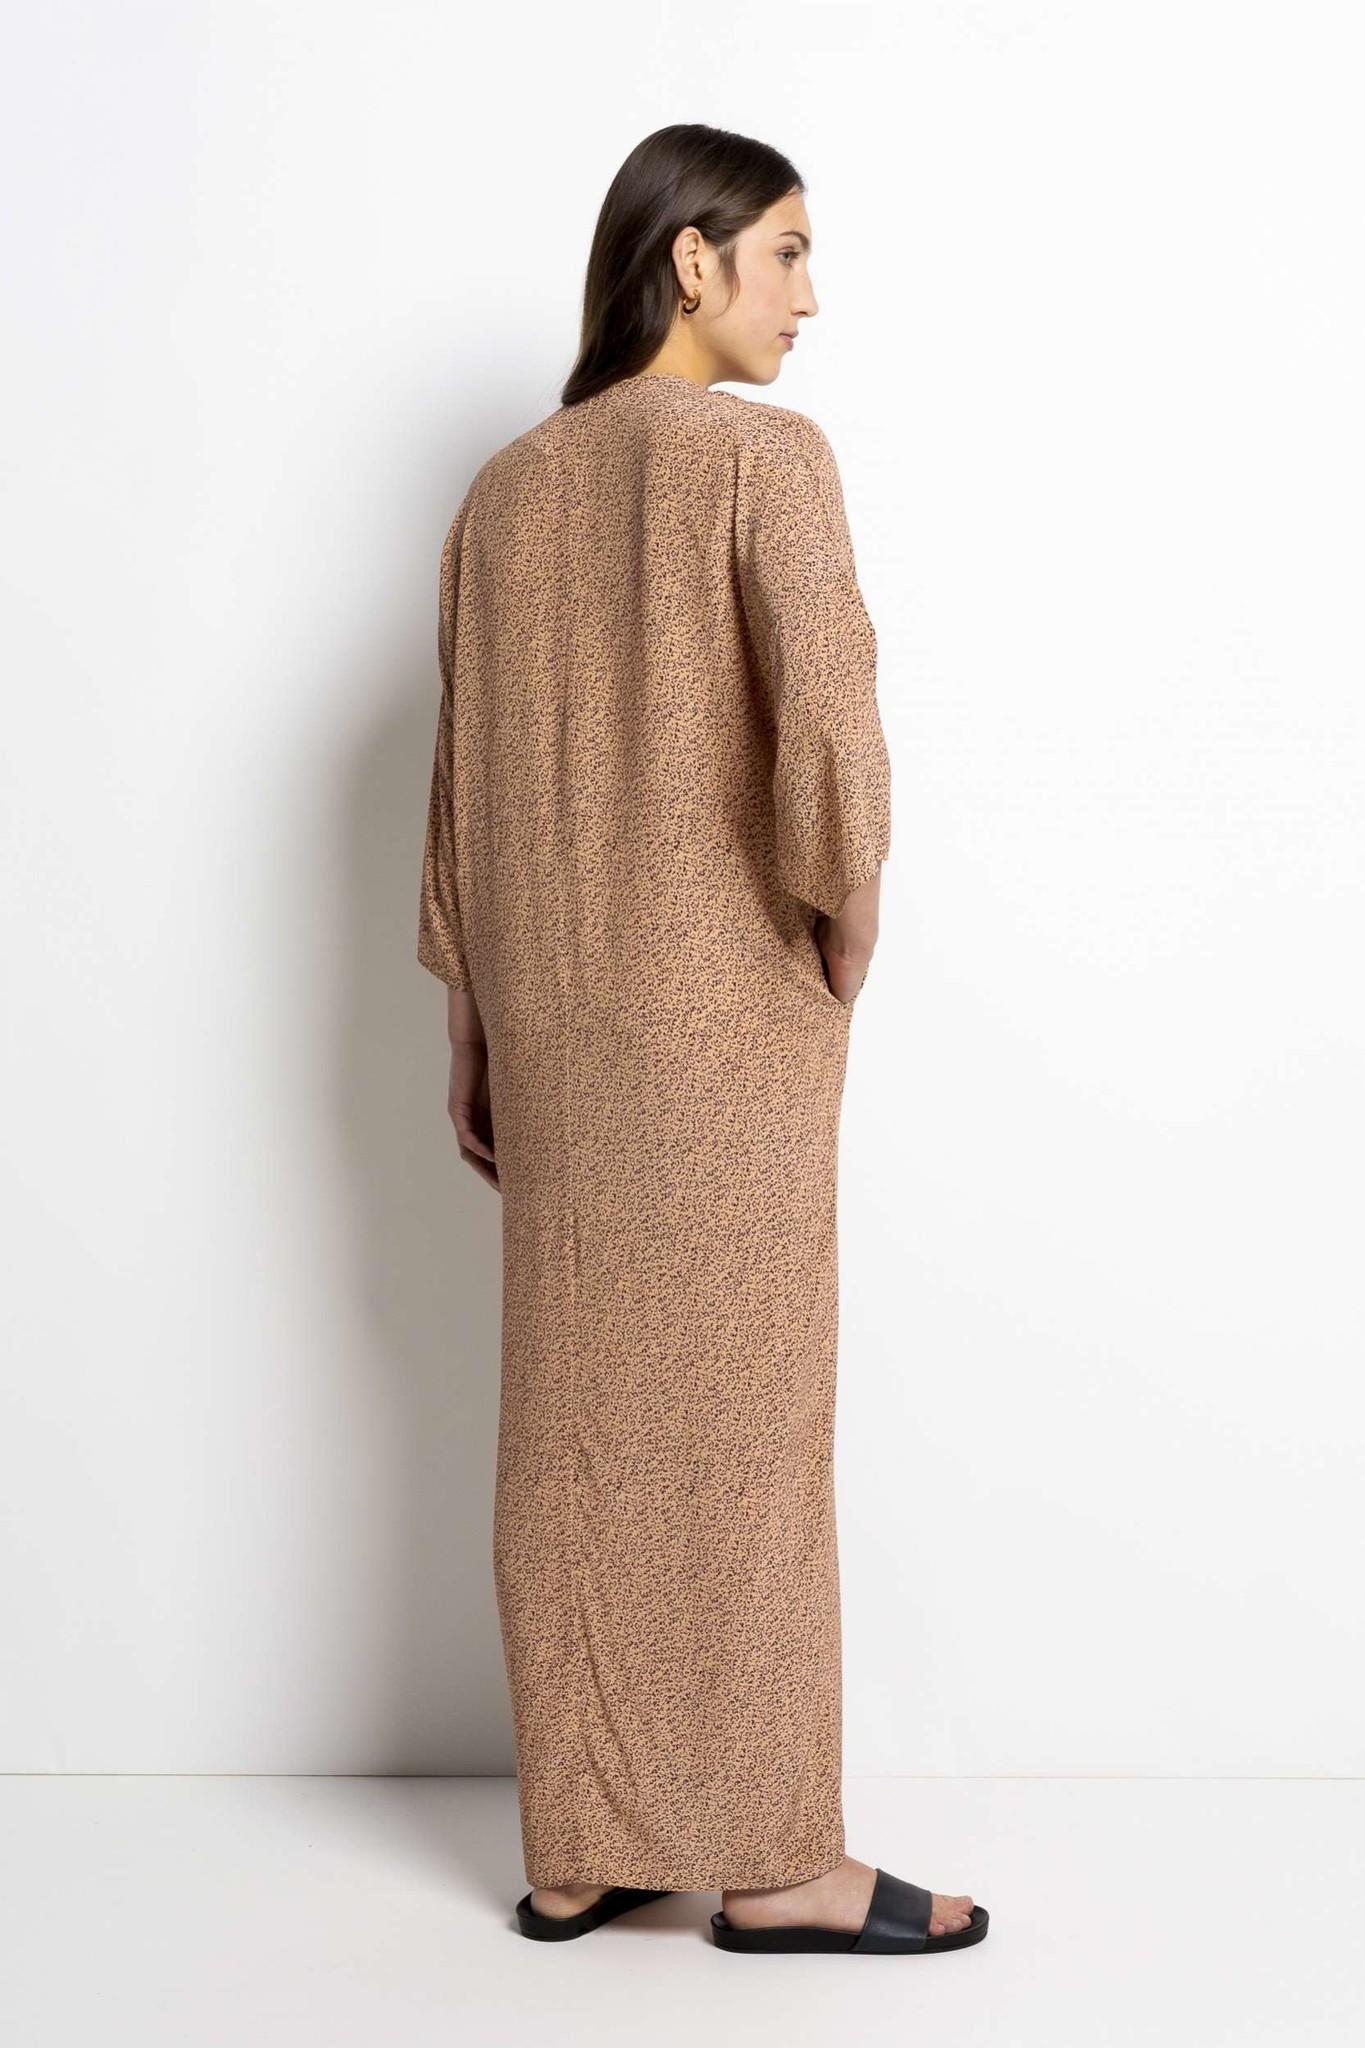 Bless Print Dress - Apricot-4